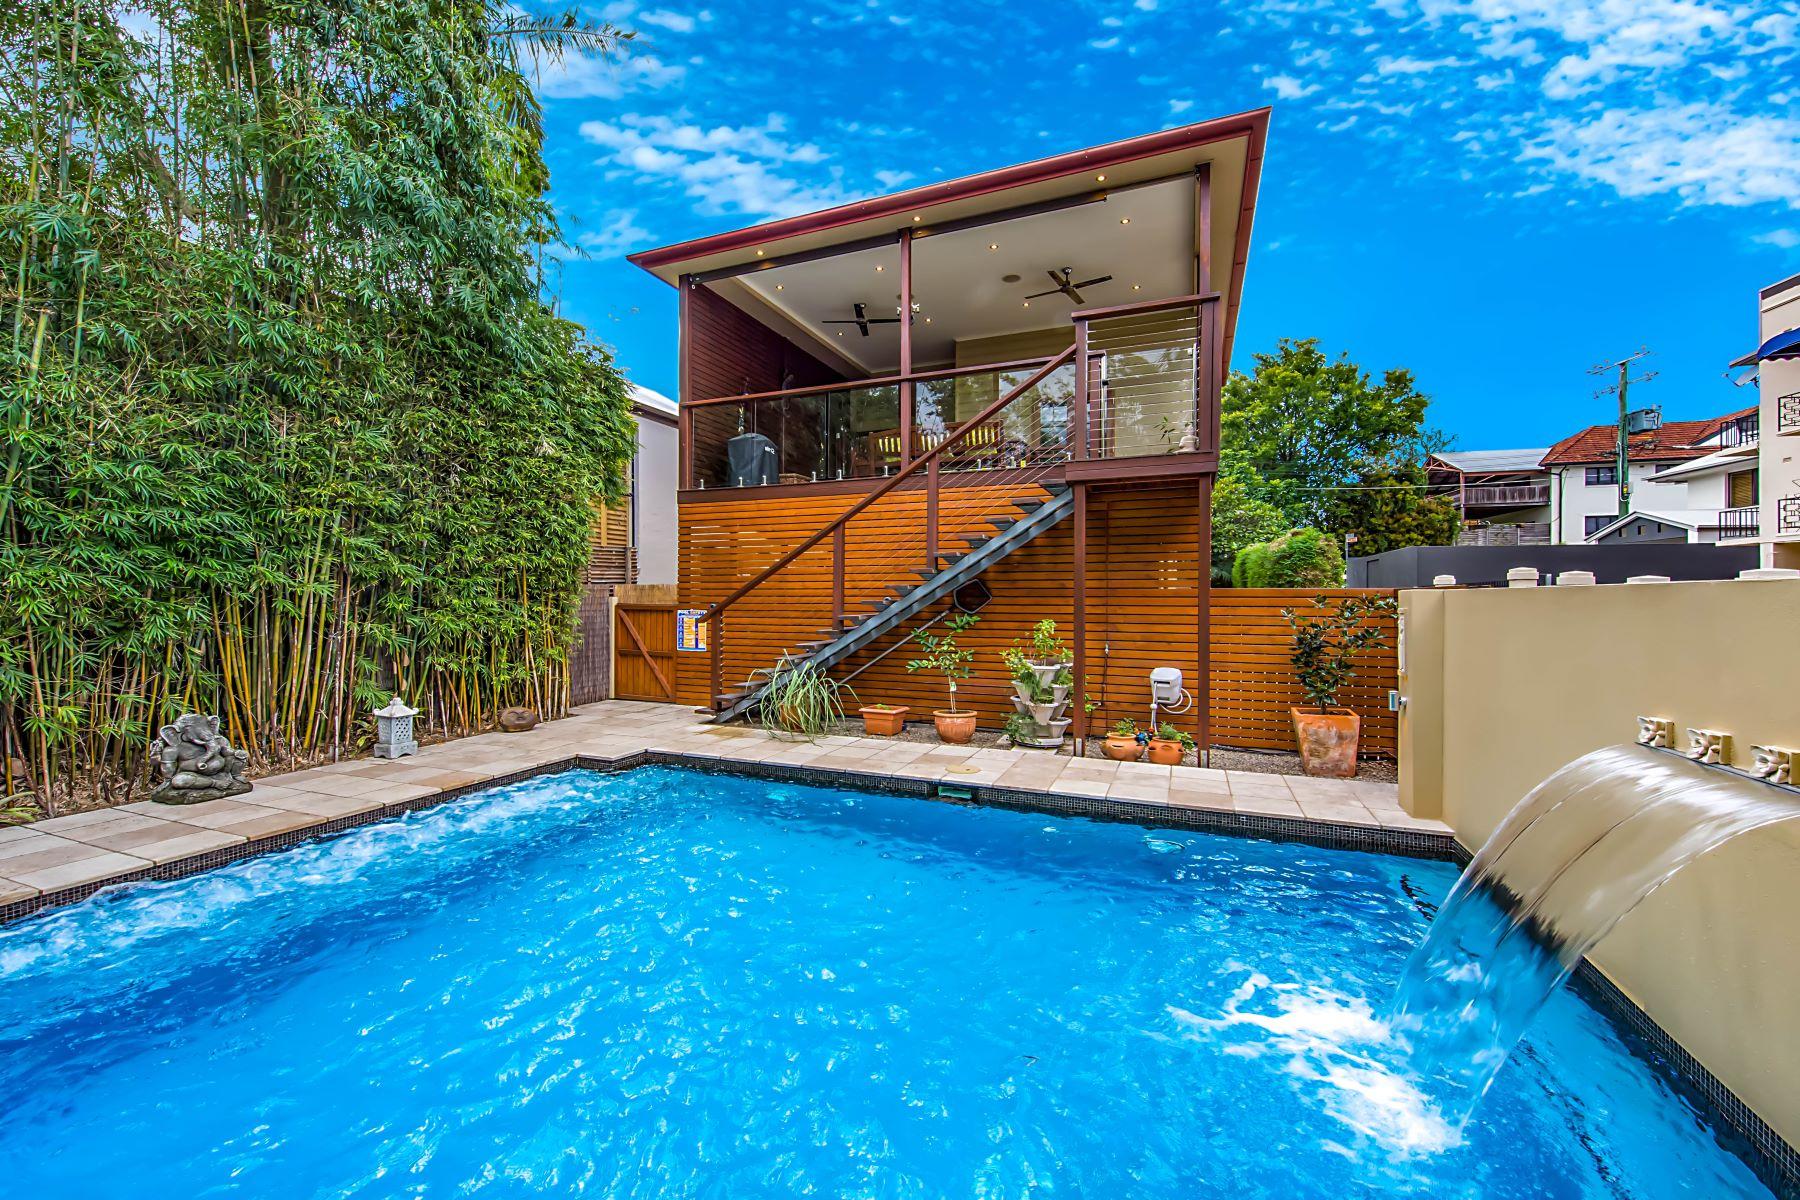 其他住宅 為 出售 在 4 Day Street Brisbane, Queensland, 4007 澳大利亞